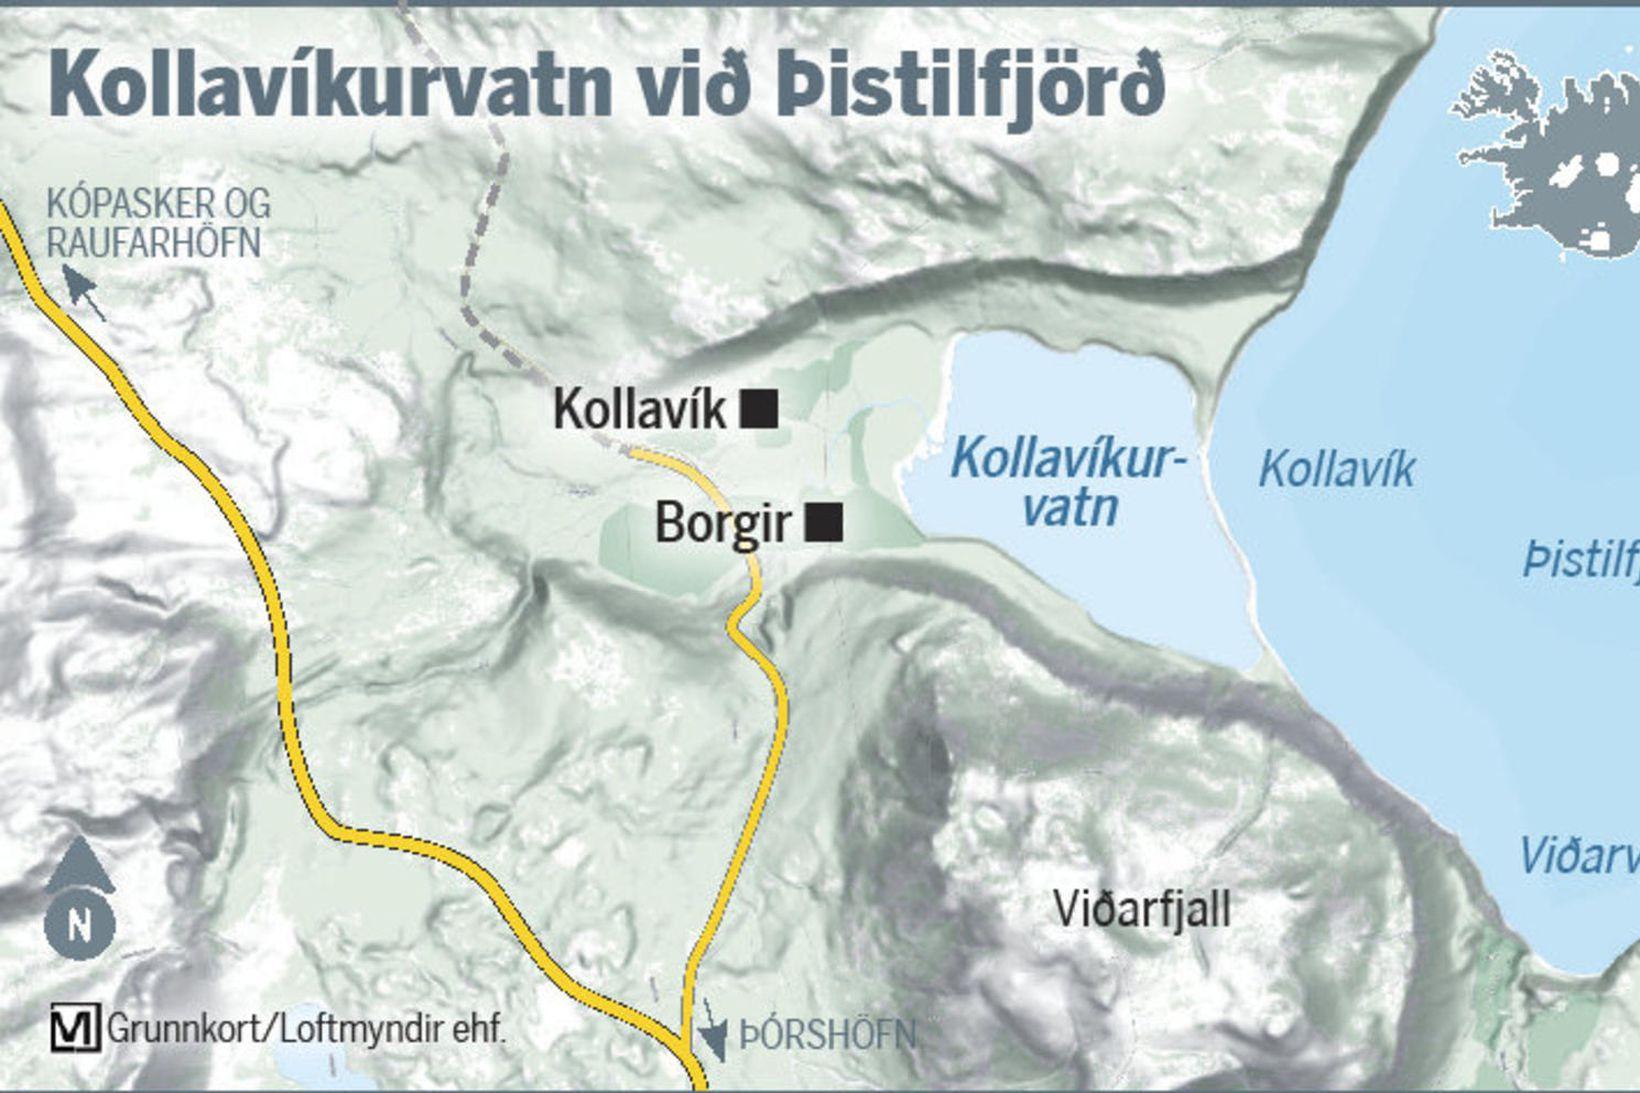 Skarð myndaðist í malarræmuna sem mynda Kollavíkurvatn.